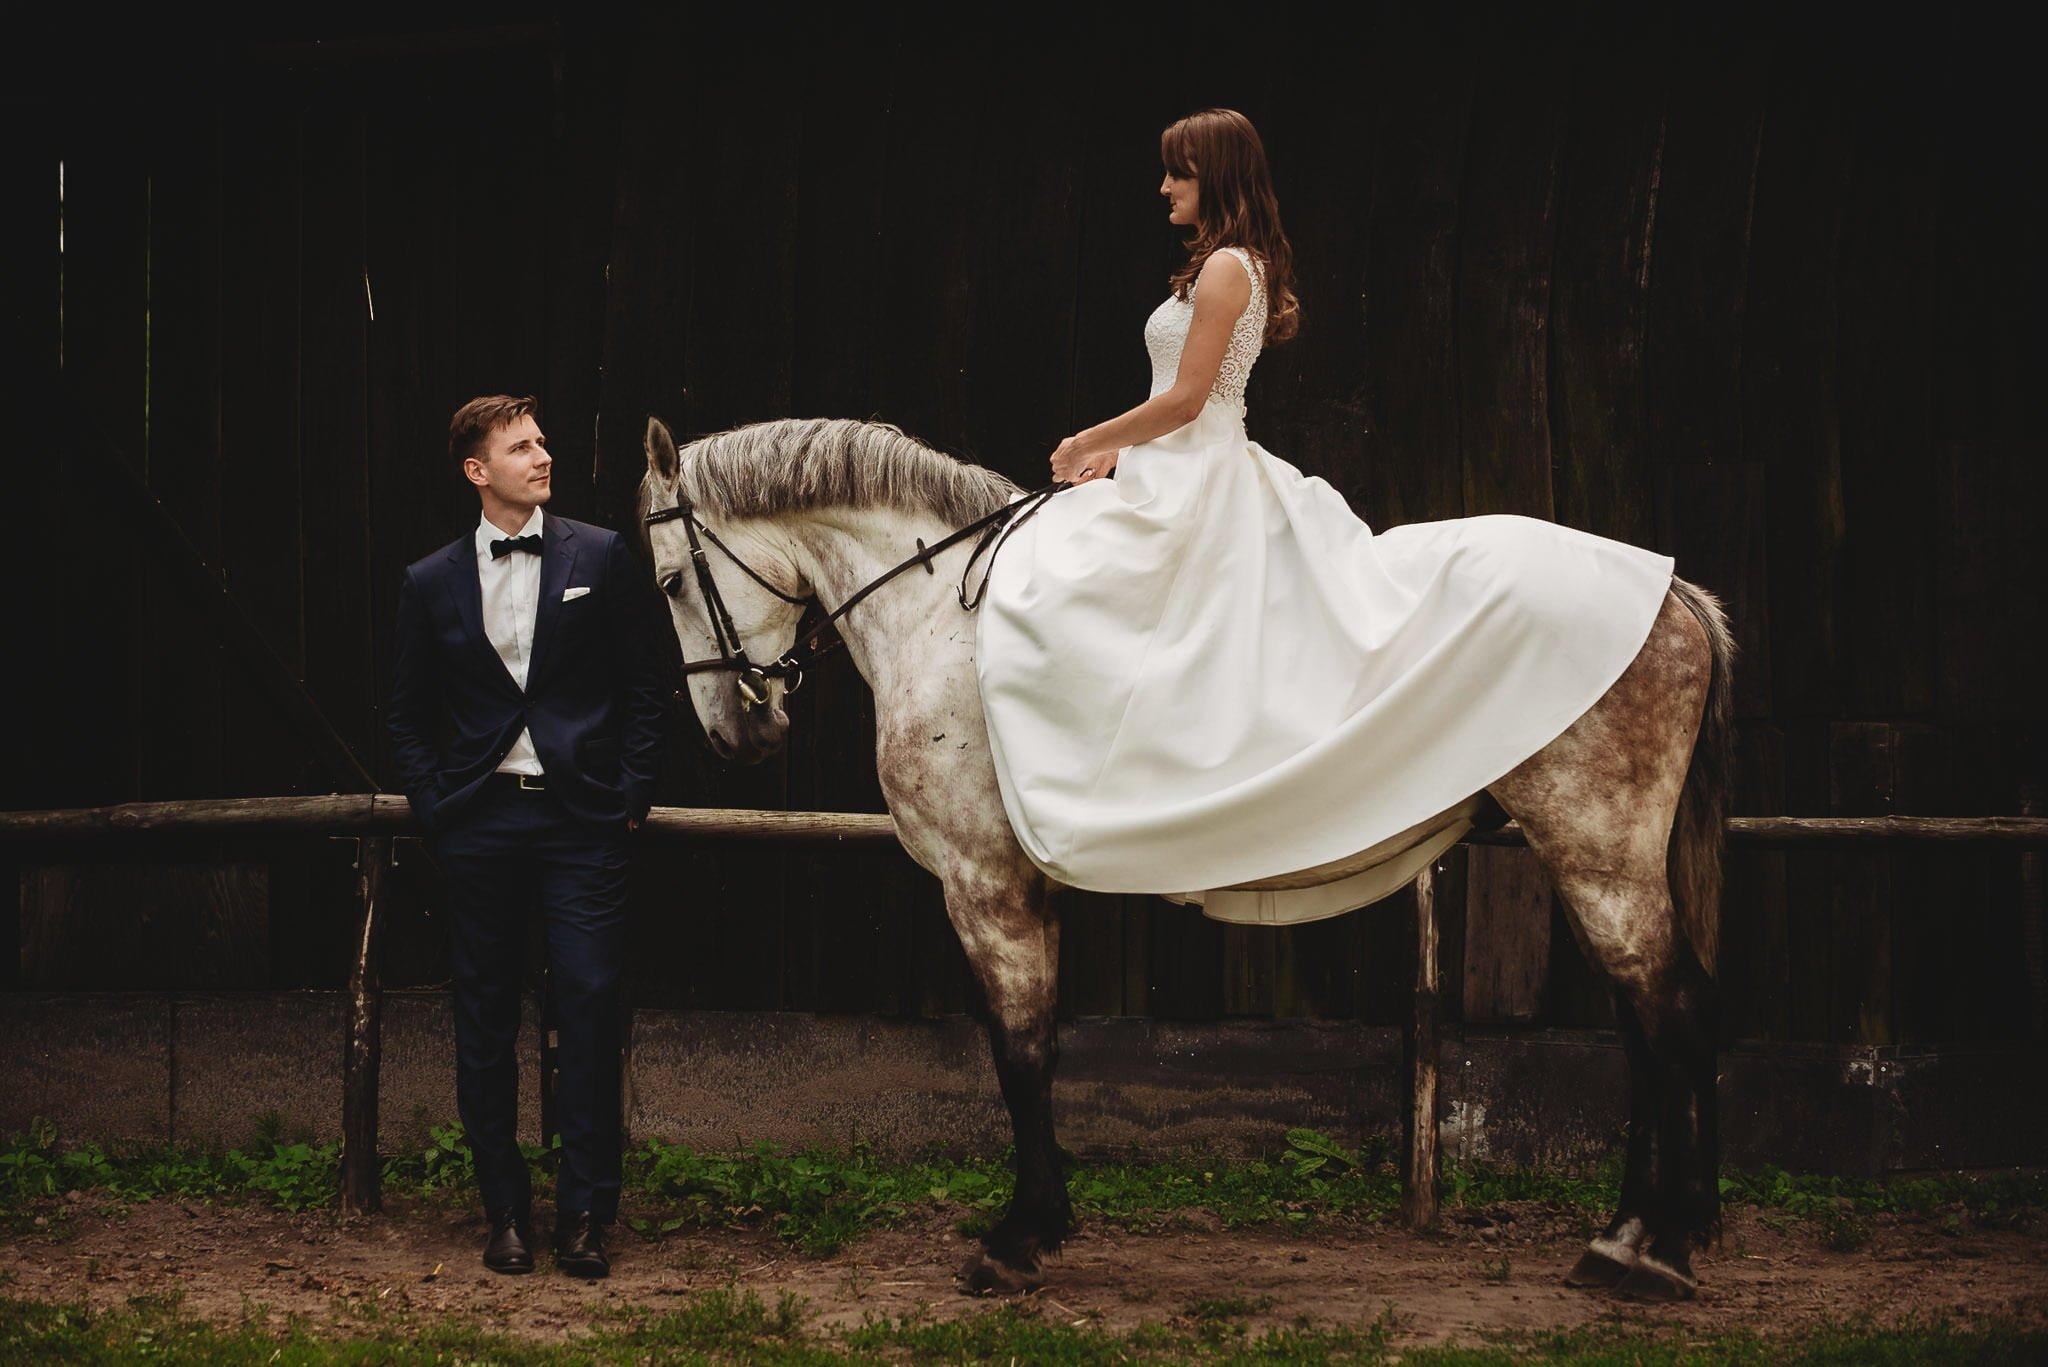 Monika i Michał, wesele w Paryżu i sesja plenerowa w stadninie koni w Czołowie 390